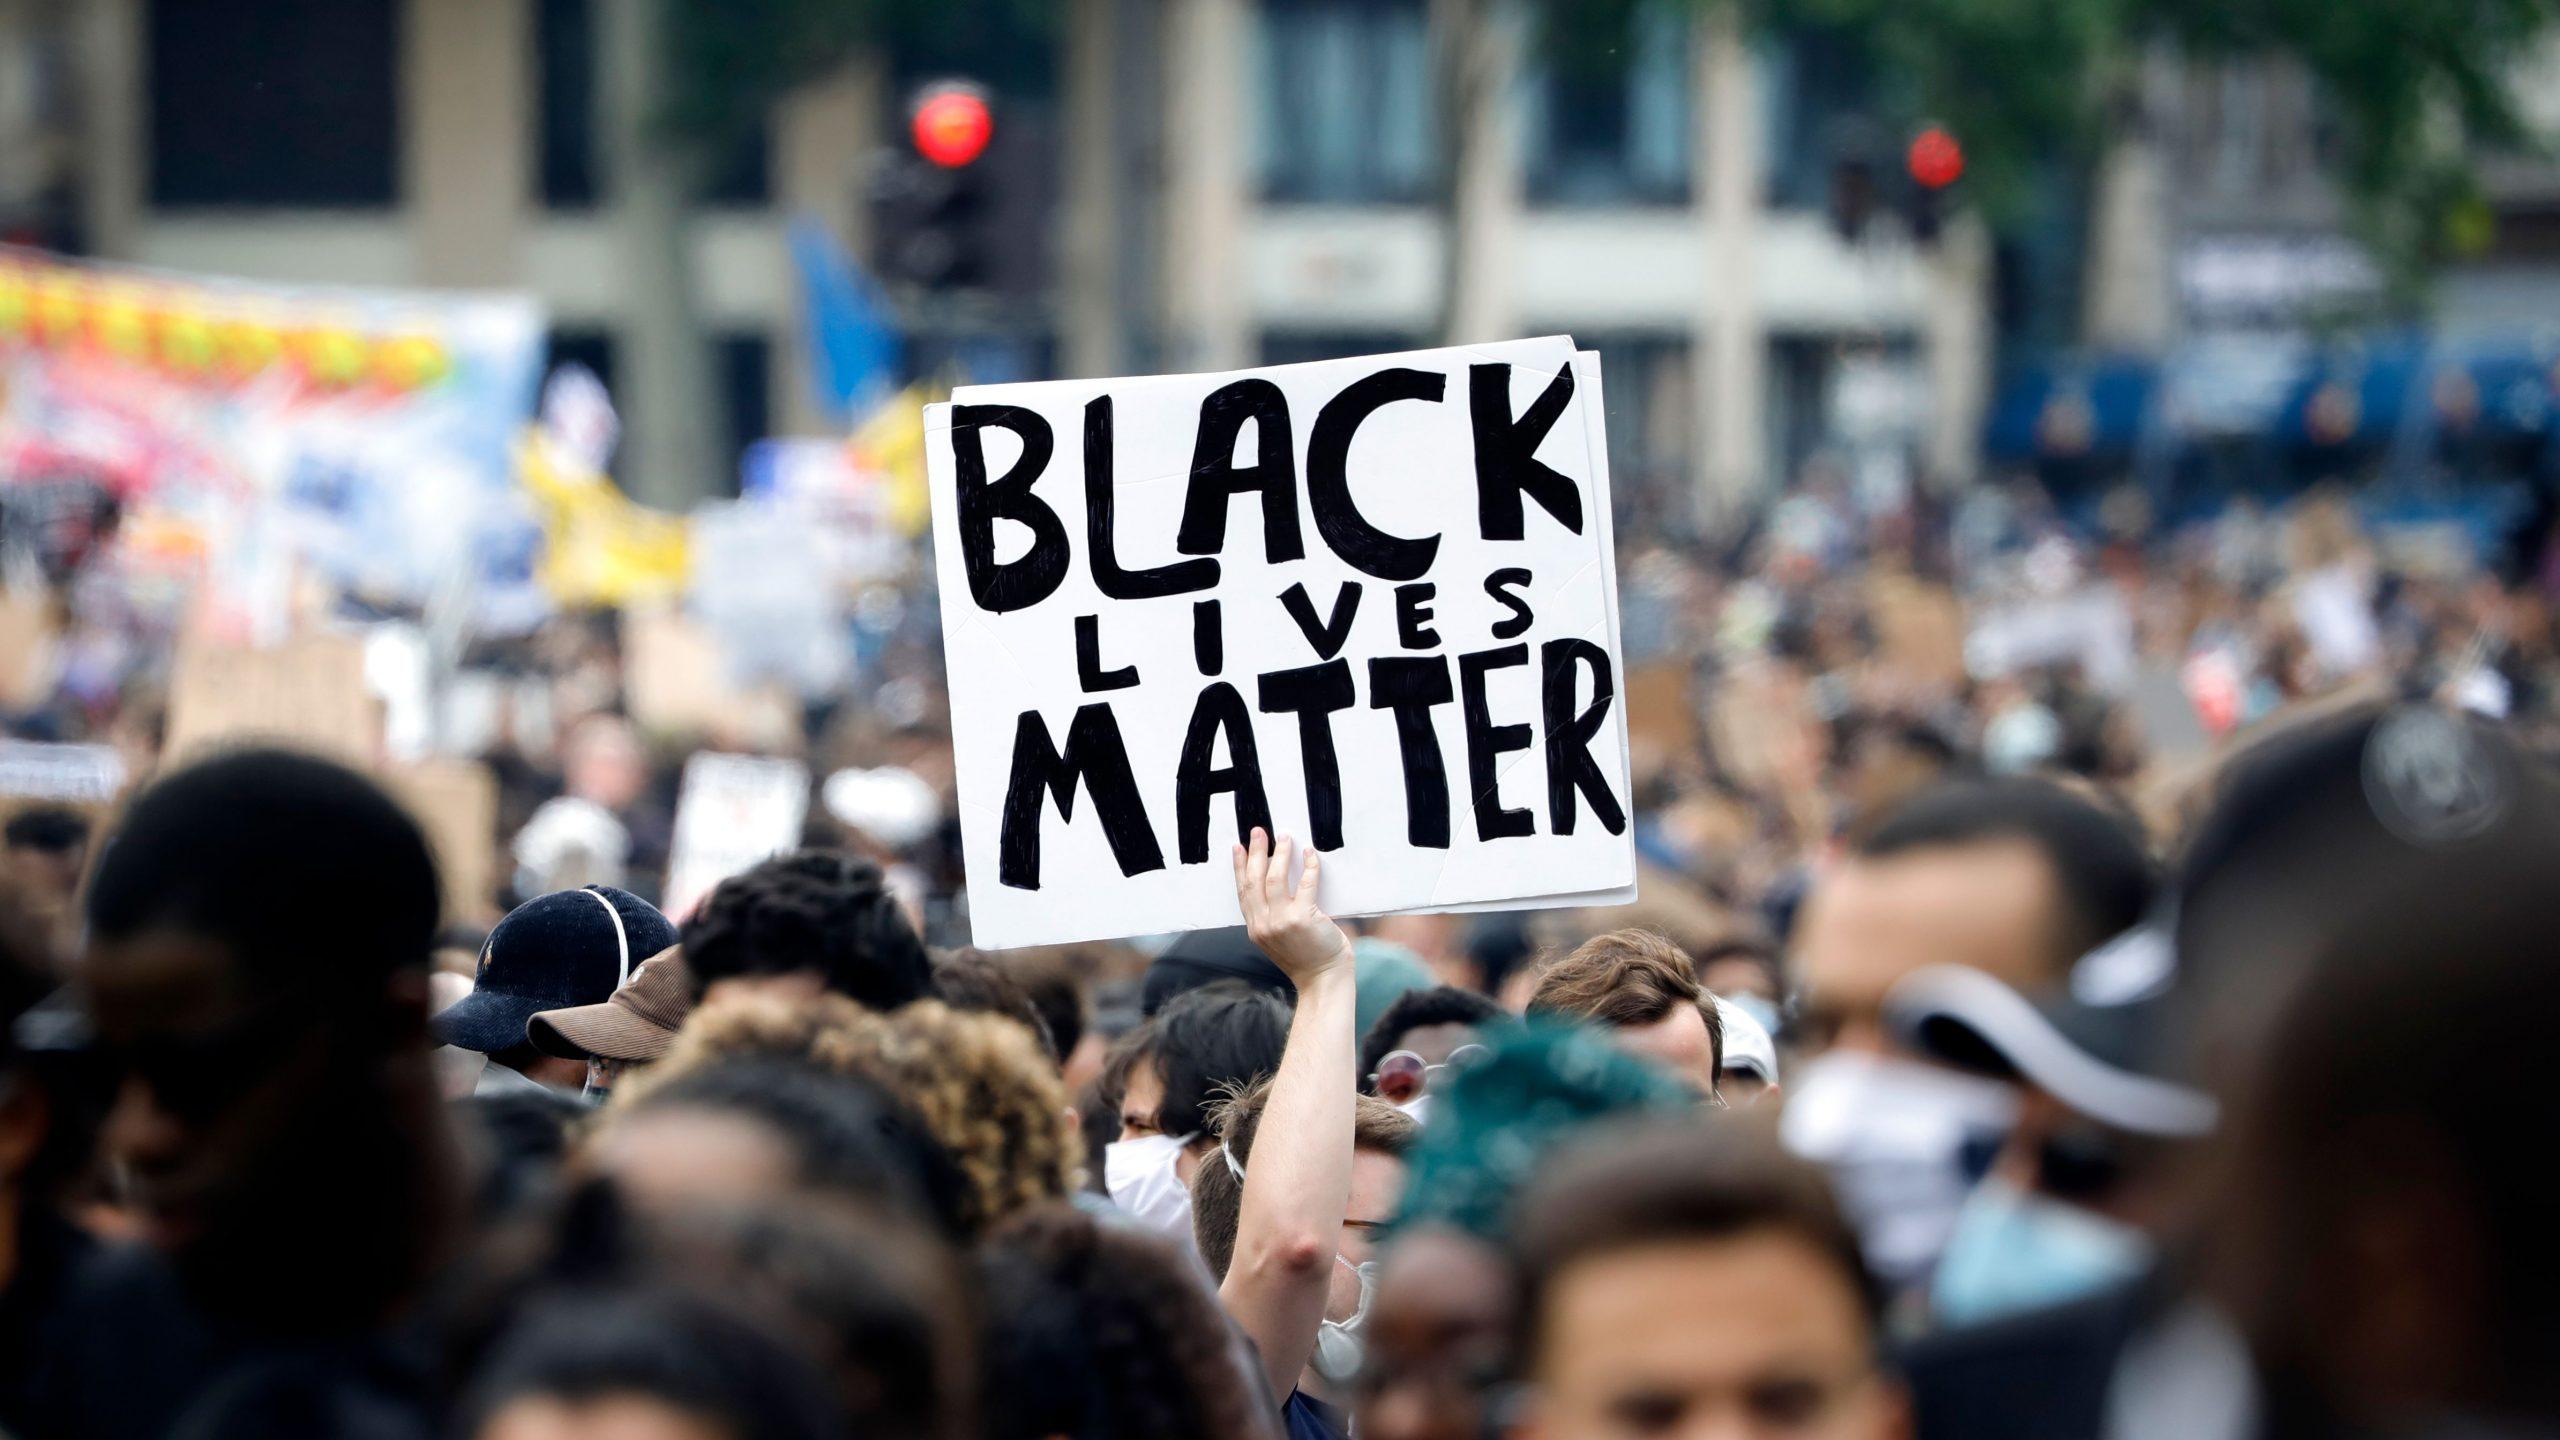 Black Lives Matter sign in protest